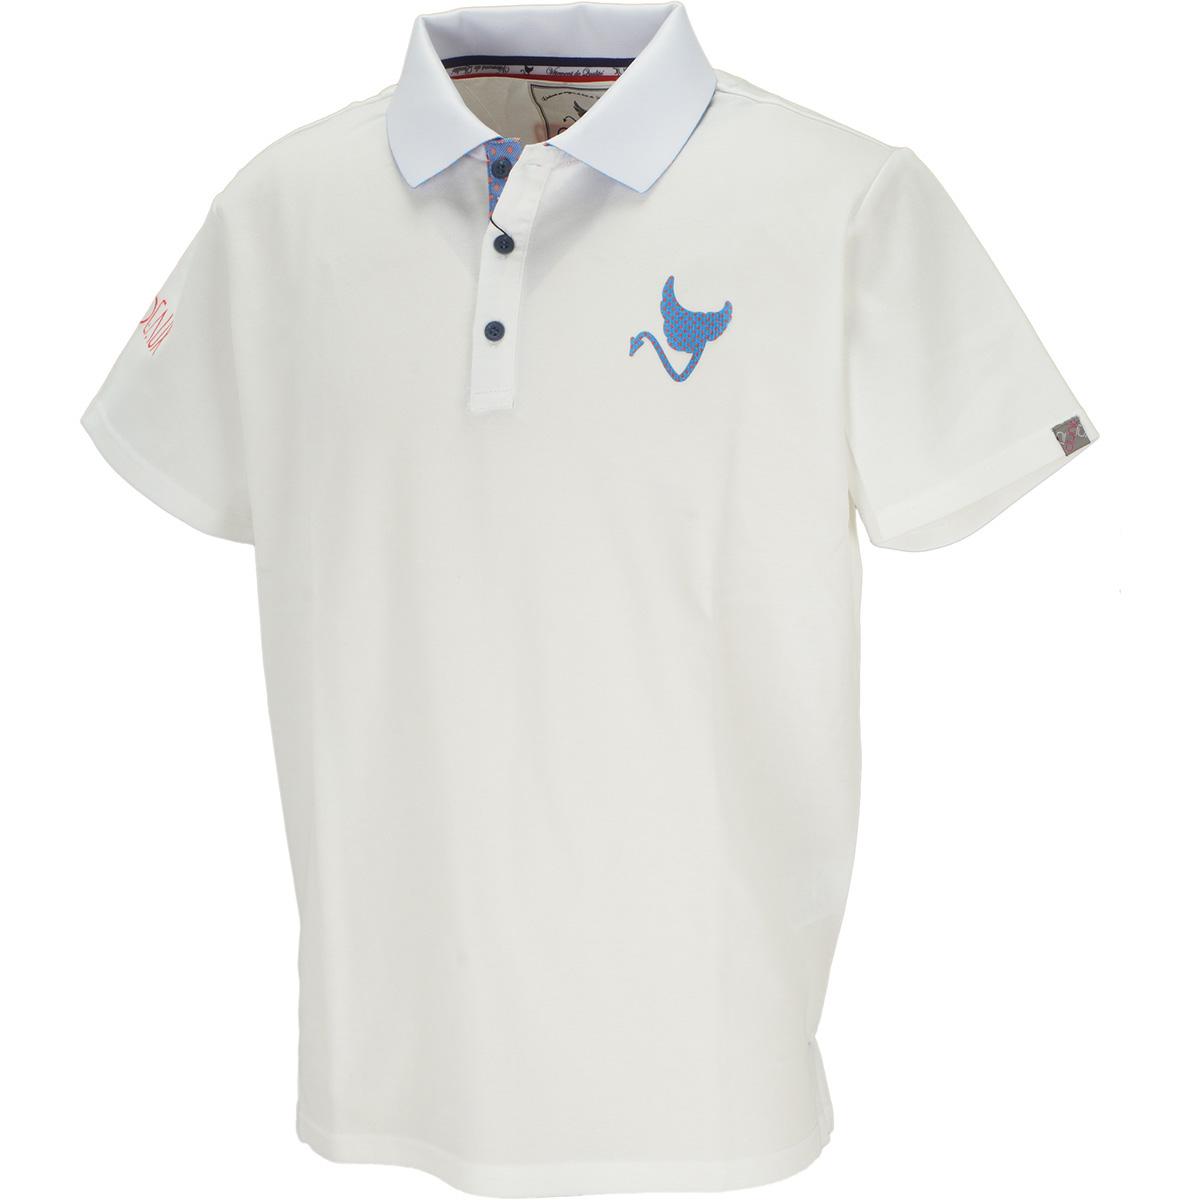 ビッグロゴ 半袖ポロシャツ